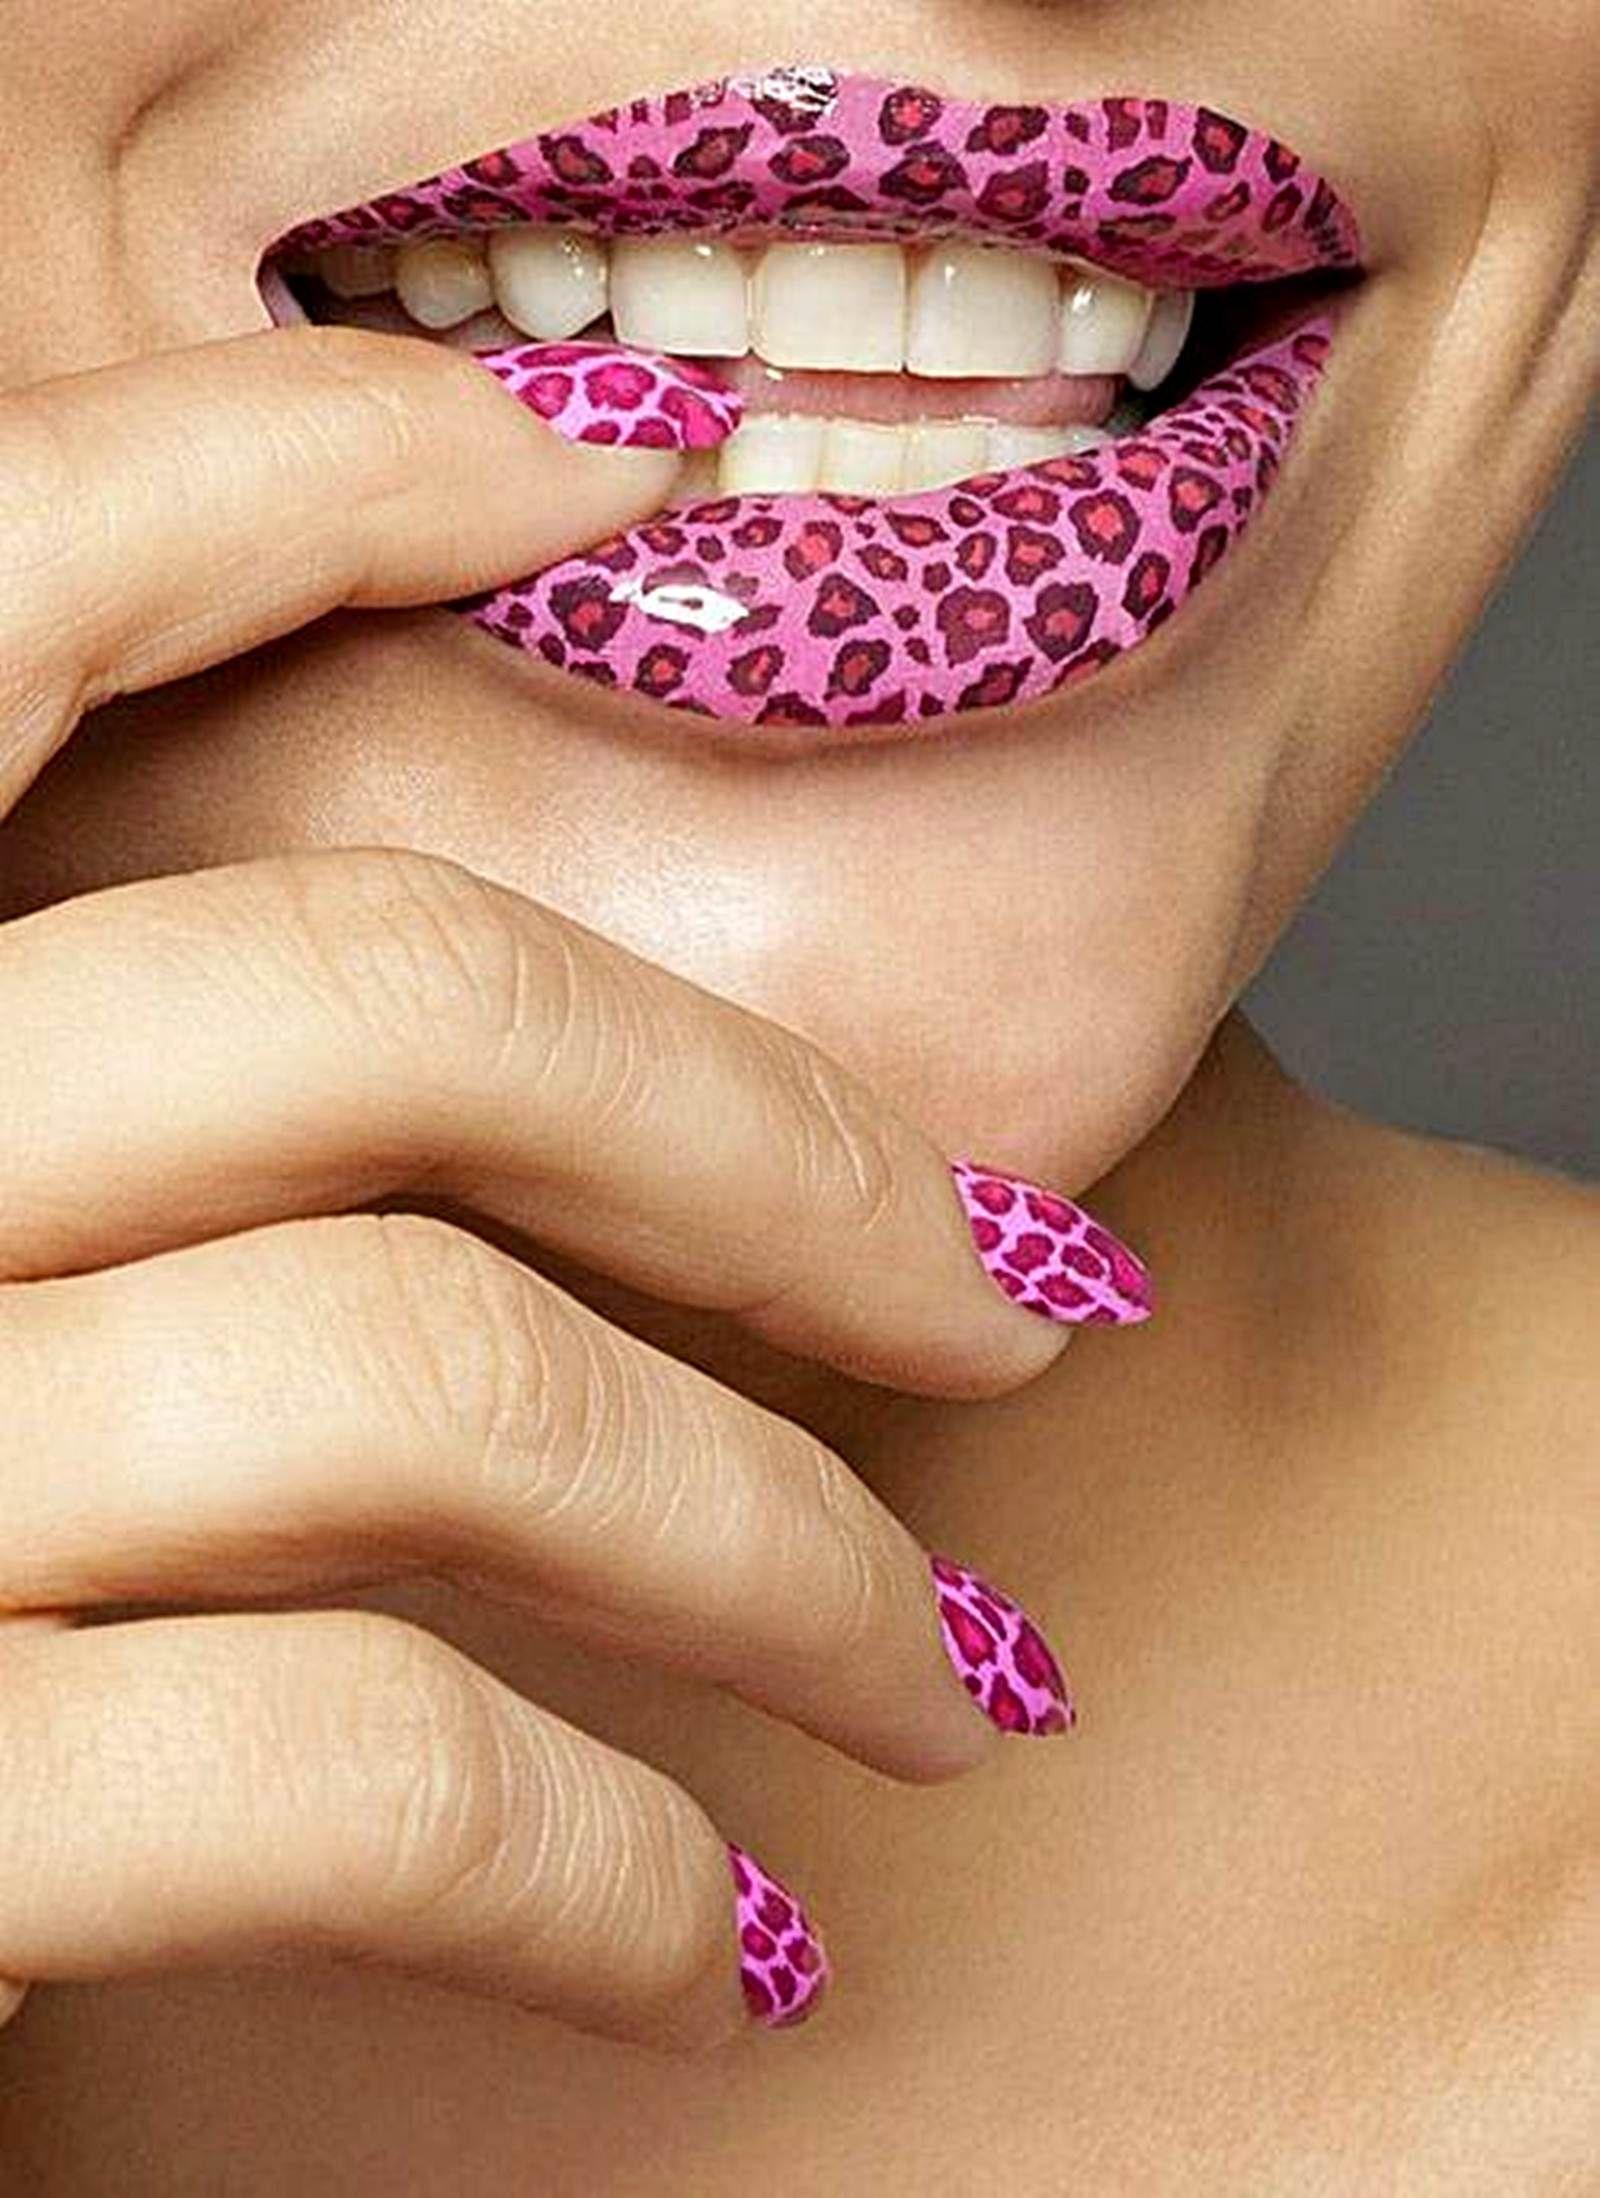 cool animal print nail designs 2013 spring http://gelnaildesignspic ...